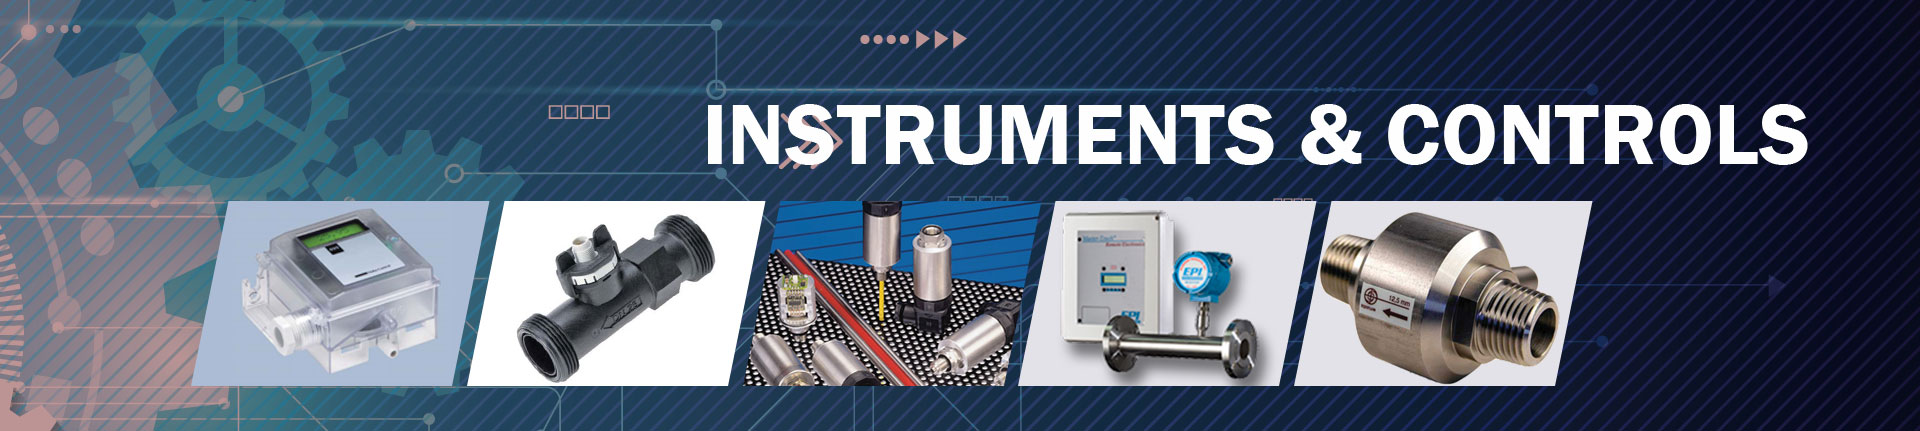 slider-InstrumentsControls